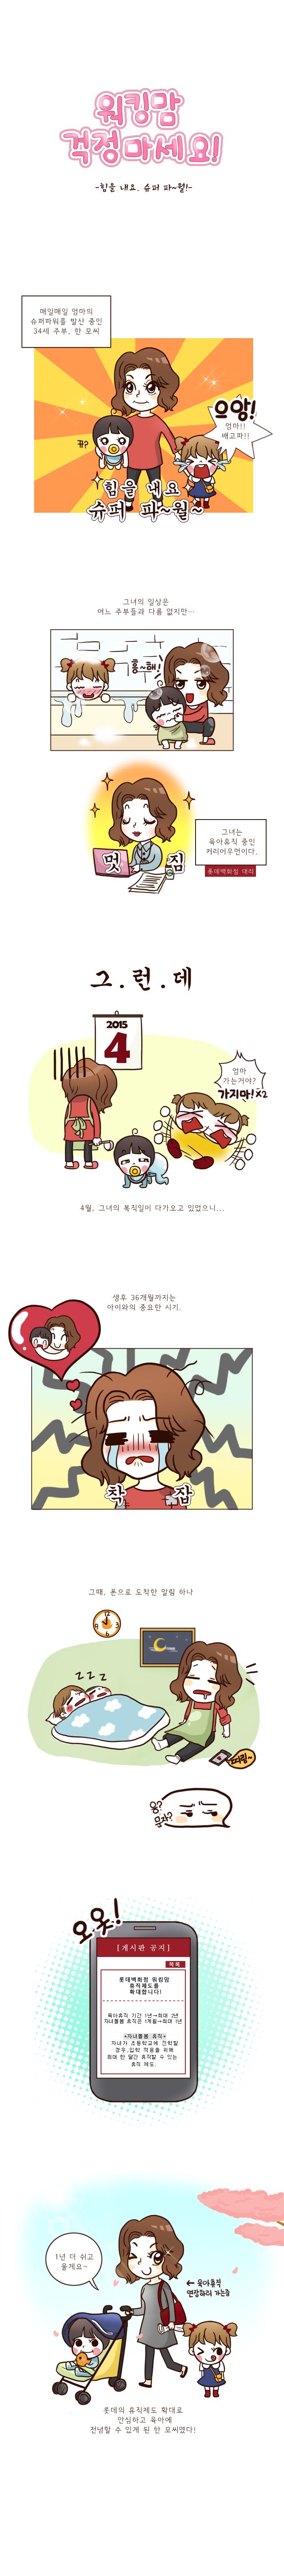 0313_롯데그룹웹툰(수정)